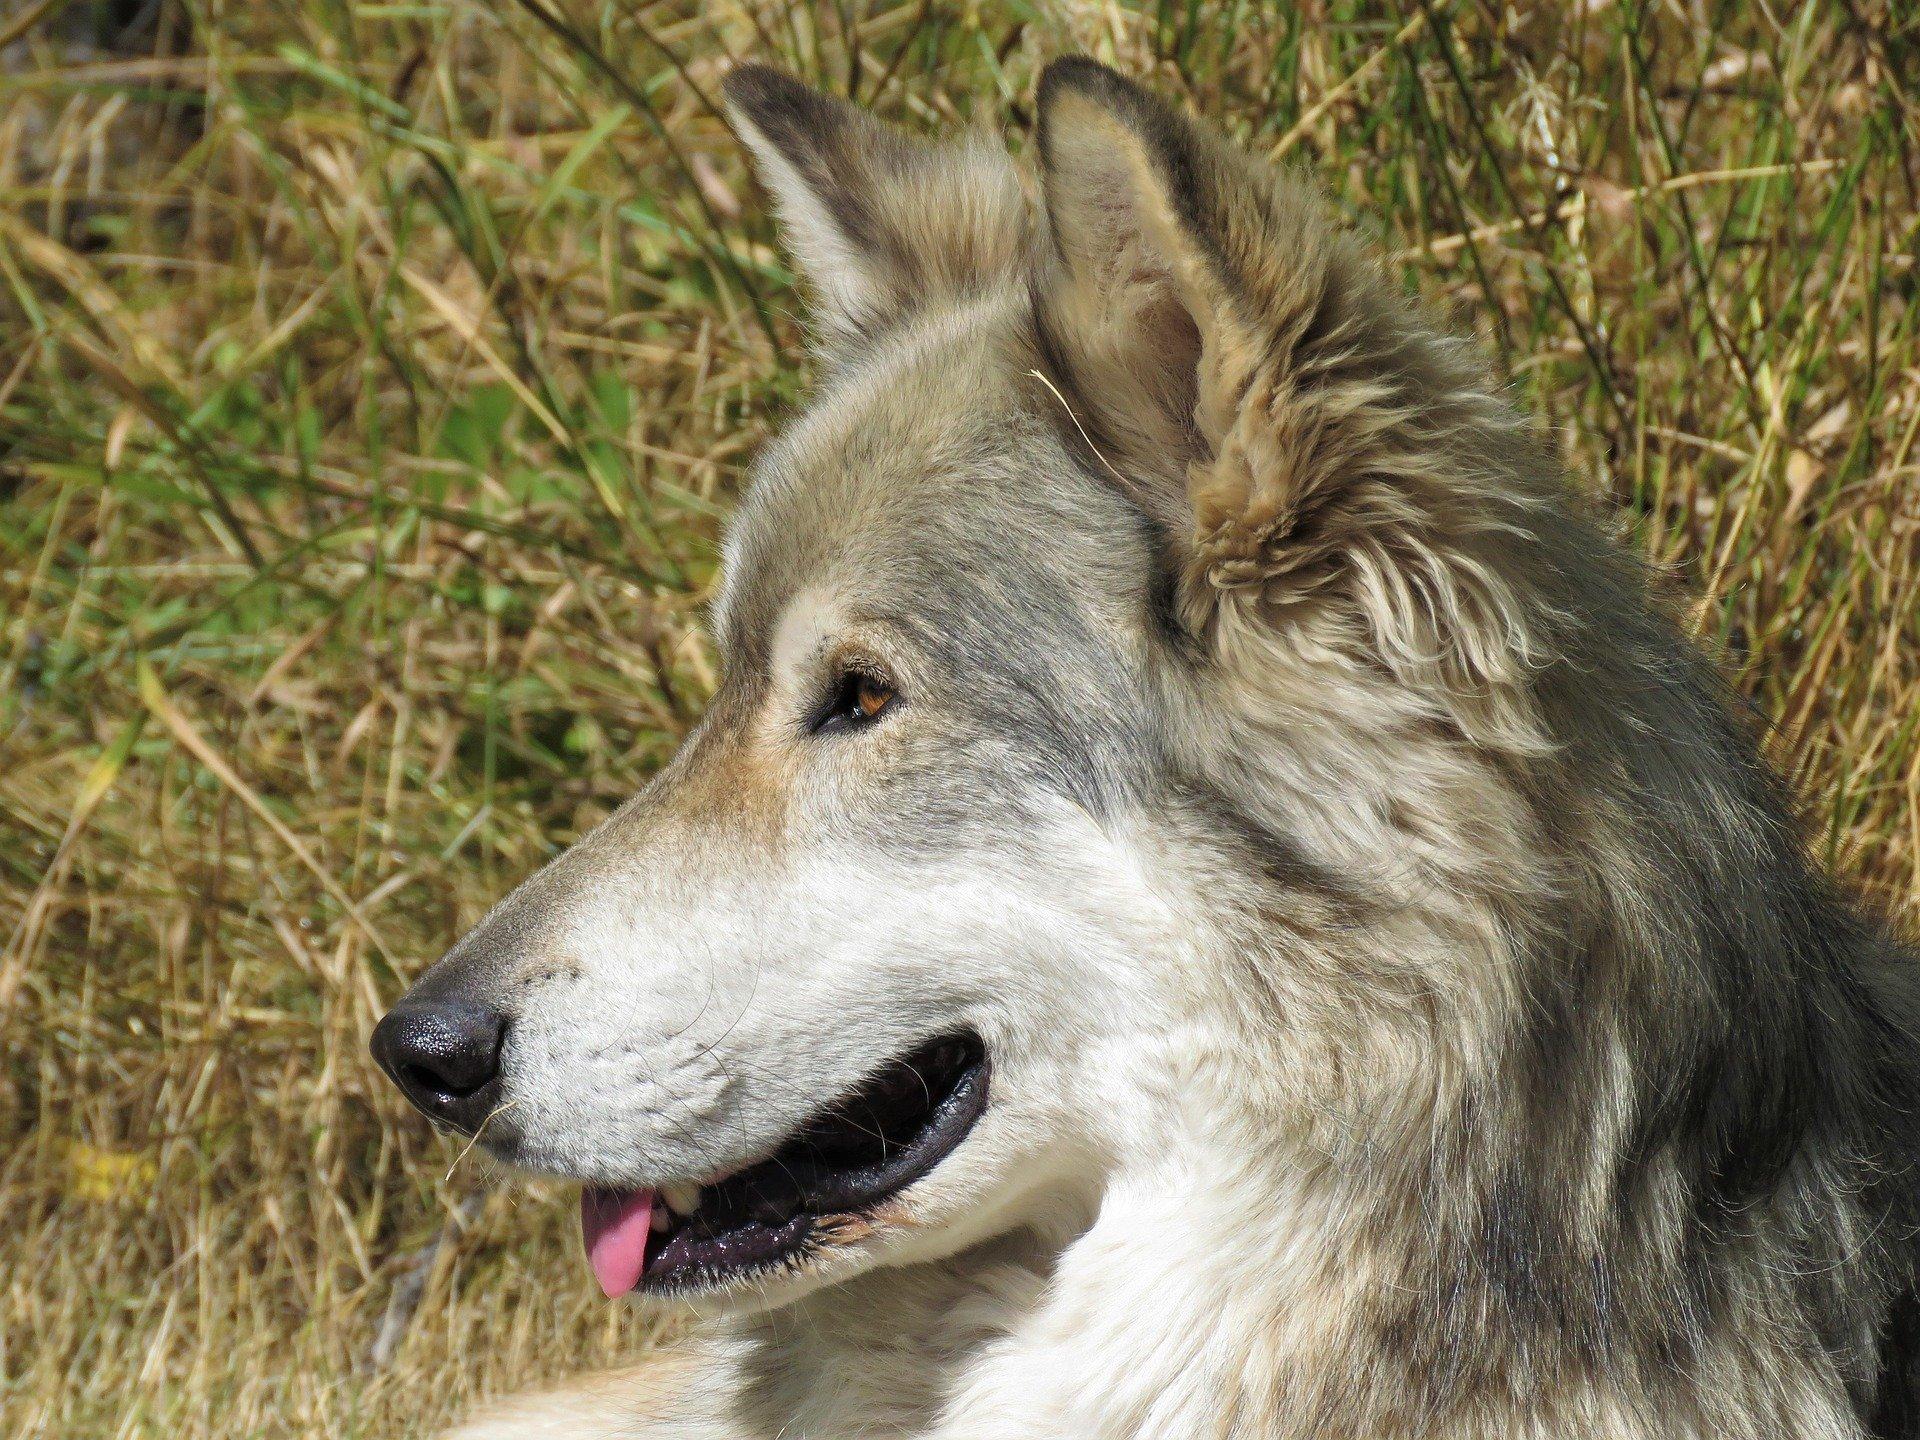 In città arrivano i lupi ma sono quelli cecoslovacchi